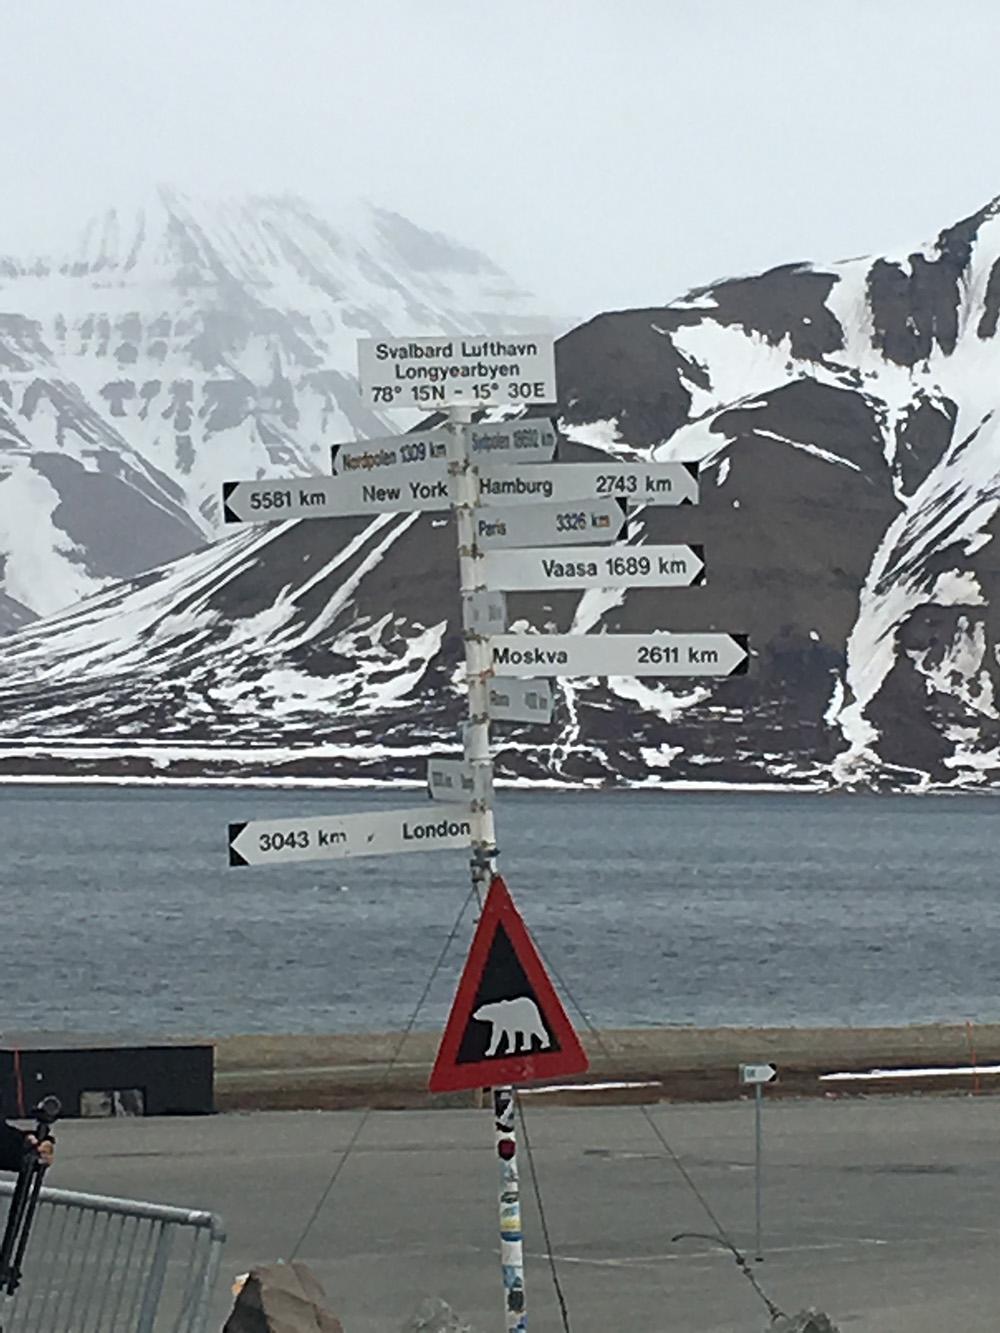 Longyearbyen - het meest noordelijke bewoonde punt op aarde